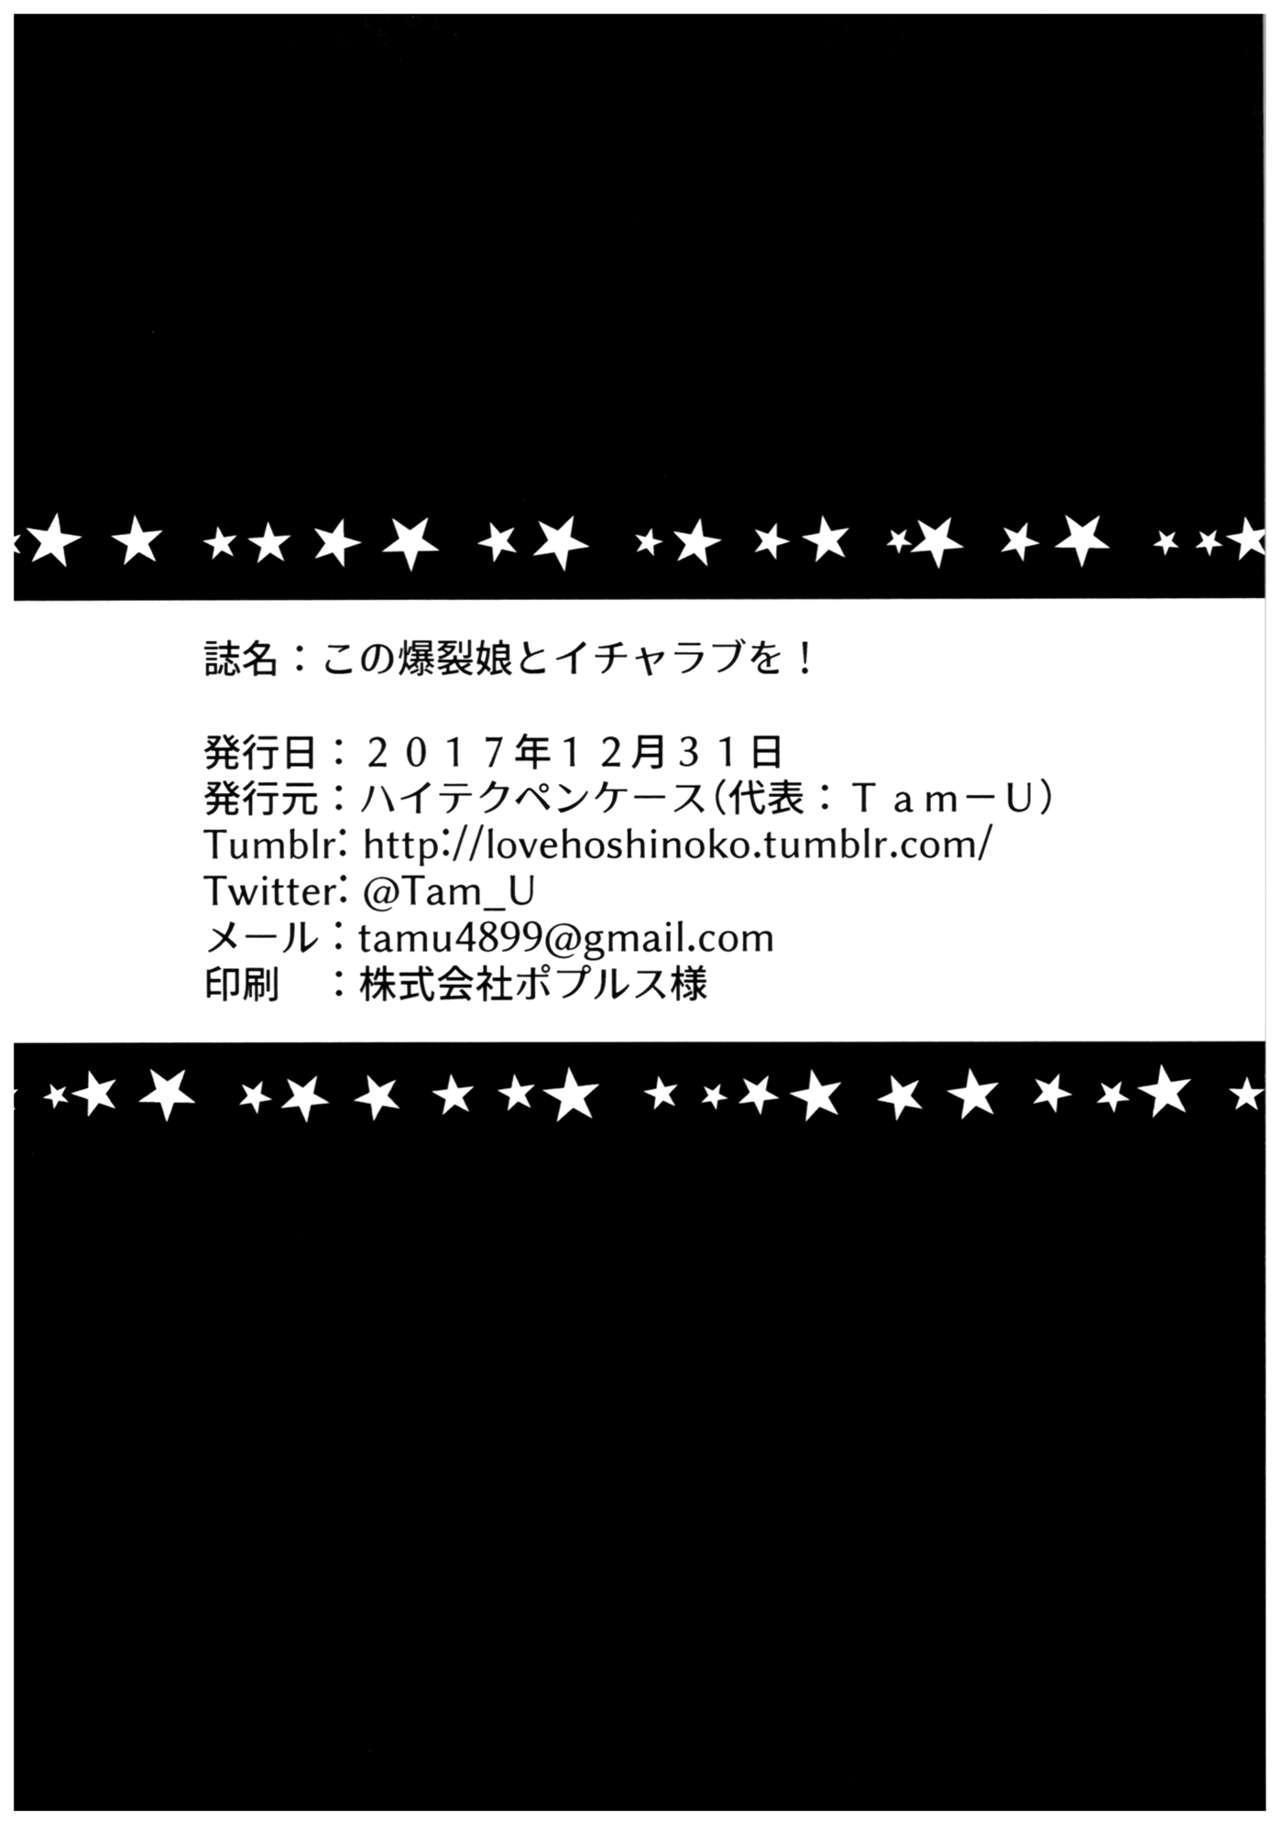 Kono Bakuretsu Musume to Icha Love o! 17